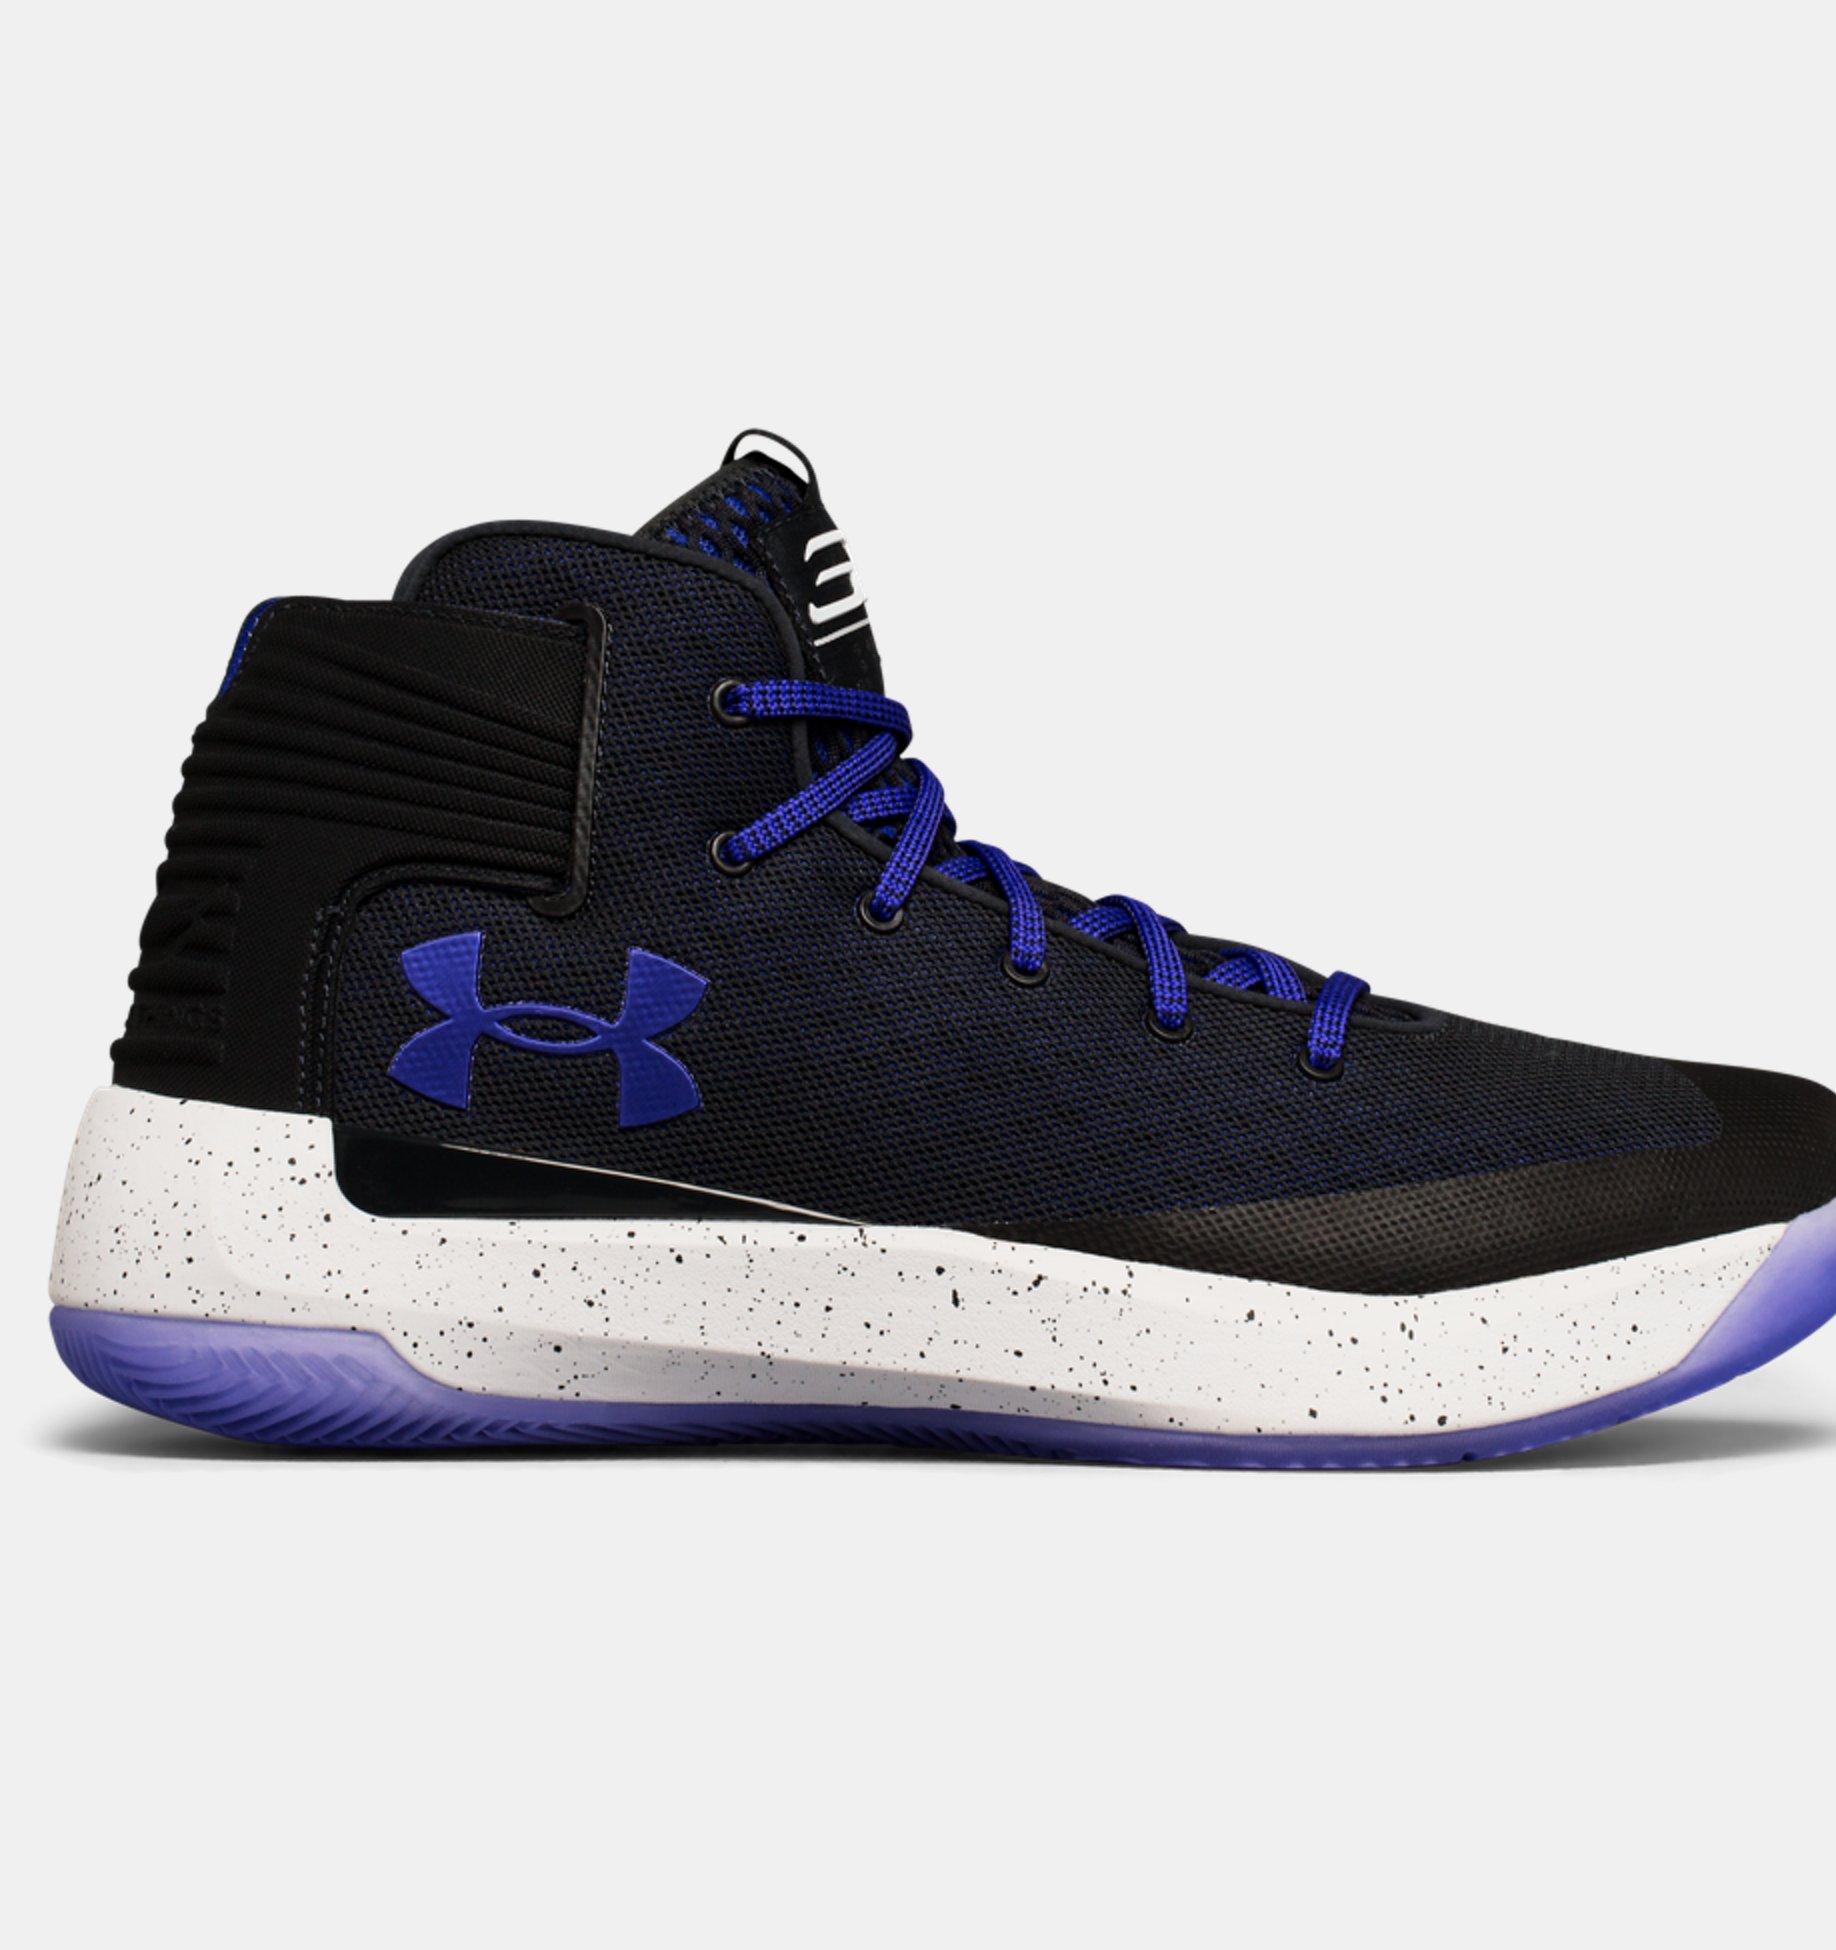 df8d147b0a31 ... 130 grey-divider ua-curry-3zer0-nba-finals-black- Under Armour Curry  3Zero - Mens Under Armour Curry 3Zero - Mens Mens UA Curry 3ZER0 Basketball  Shoes ...